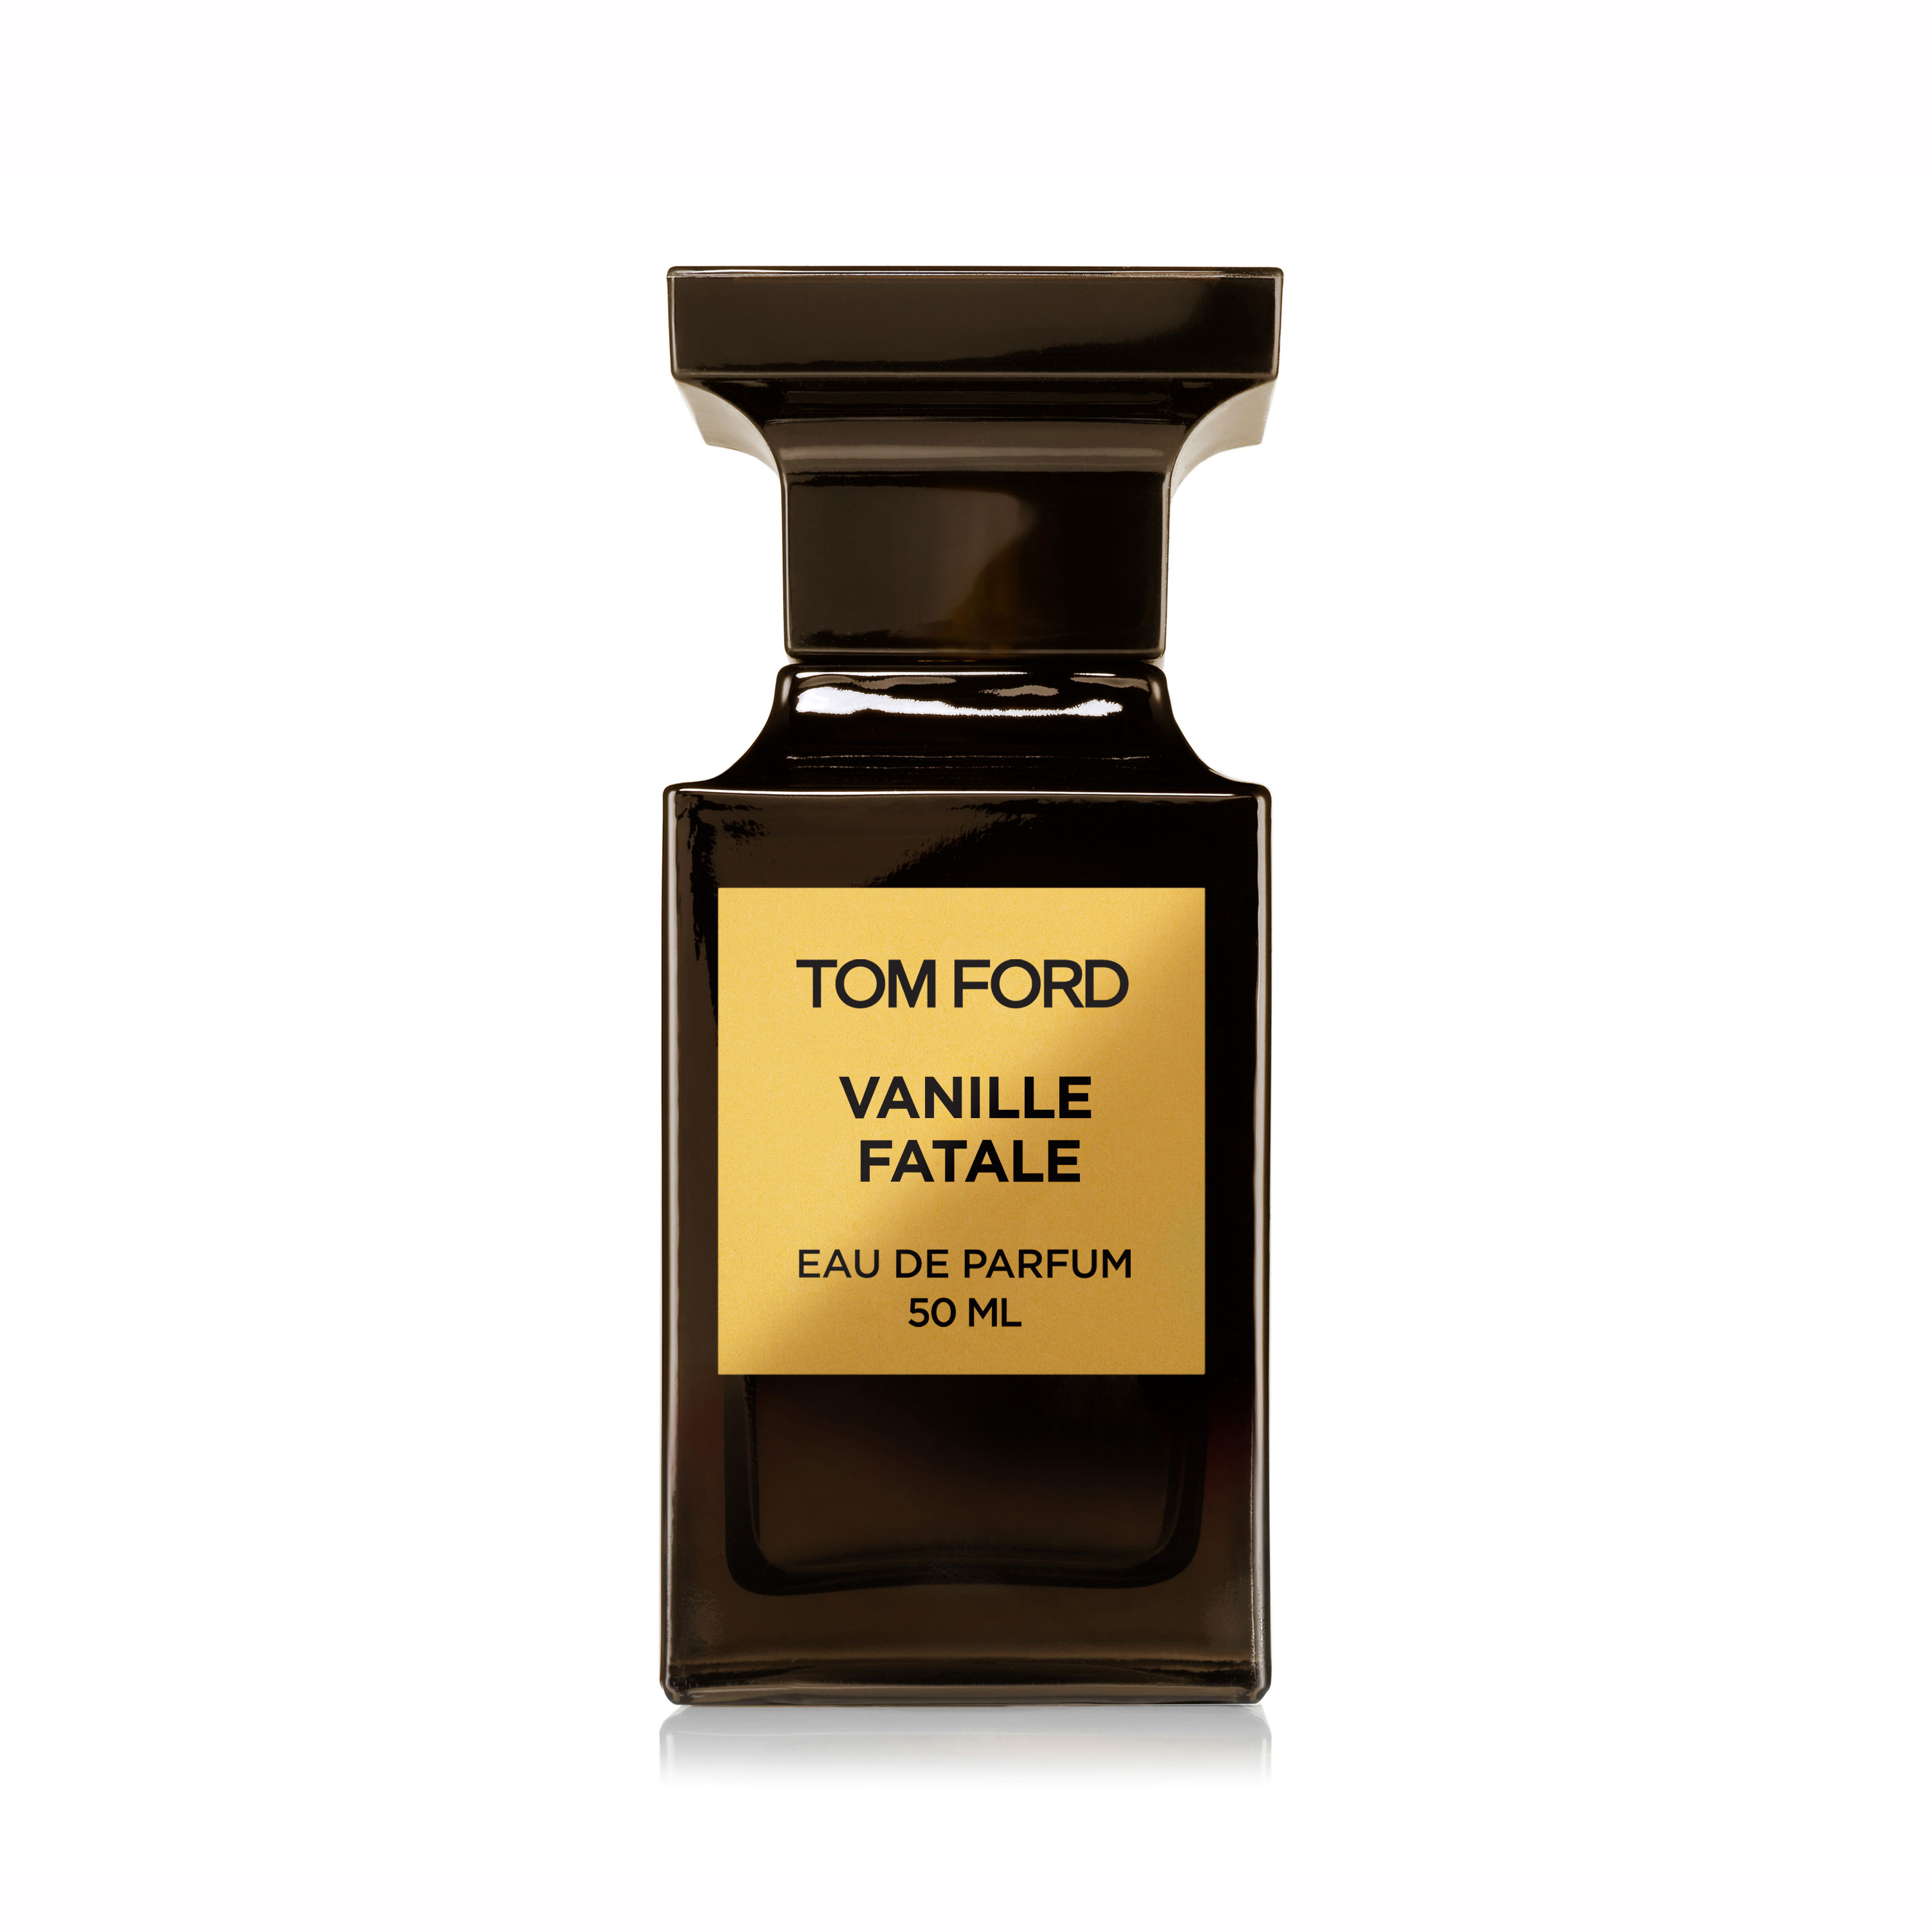 「バニラ ファタール オード パルファム スプレィ」50ml ¥28,000 | ©︎ TOM FORD BEAUTY